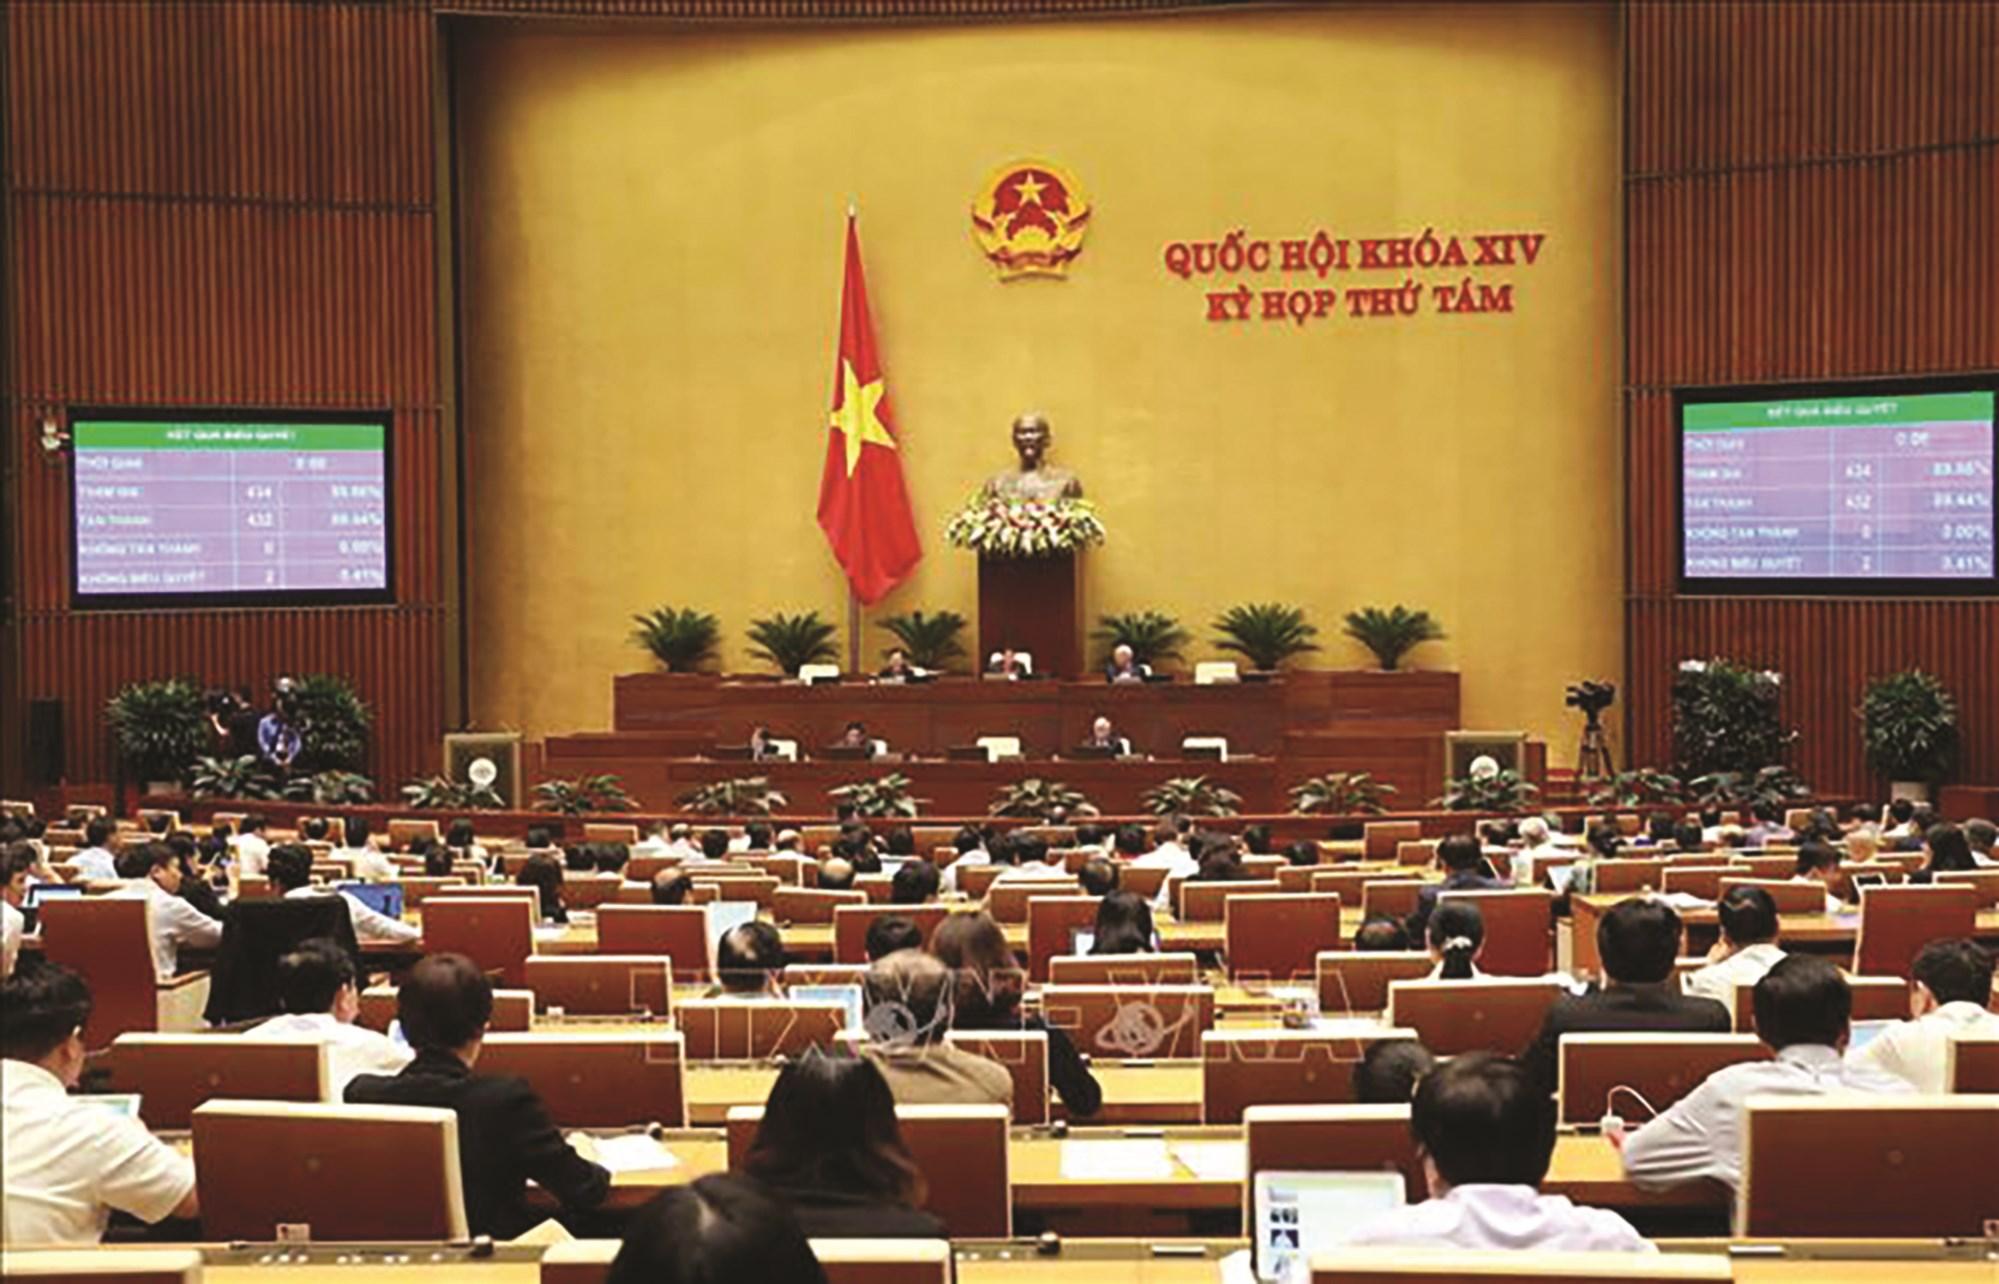 Quốc hội biểu quyết thông qua Nghị quyết phê duyệt Đề án tổng thể phát triển KT-XH vùng đồng bào DTTS&MN, vùng có điều kiện ĐBKK. (Ảnh TTXVN)